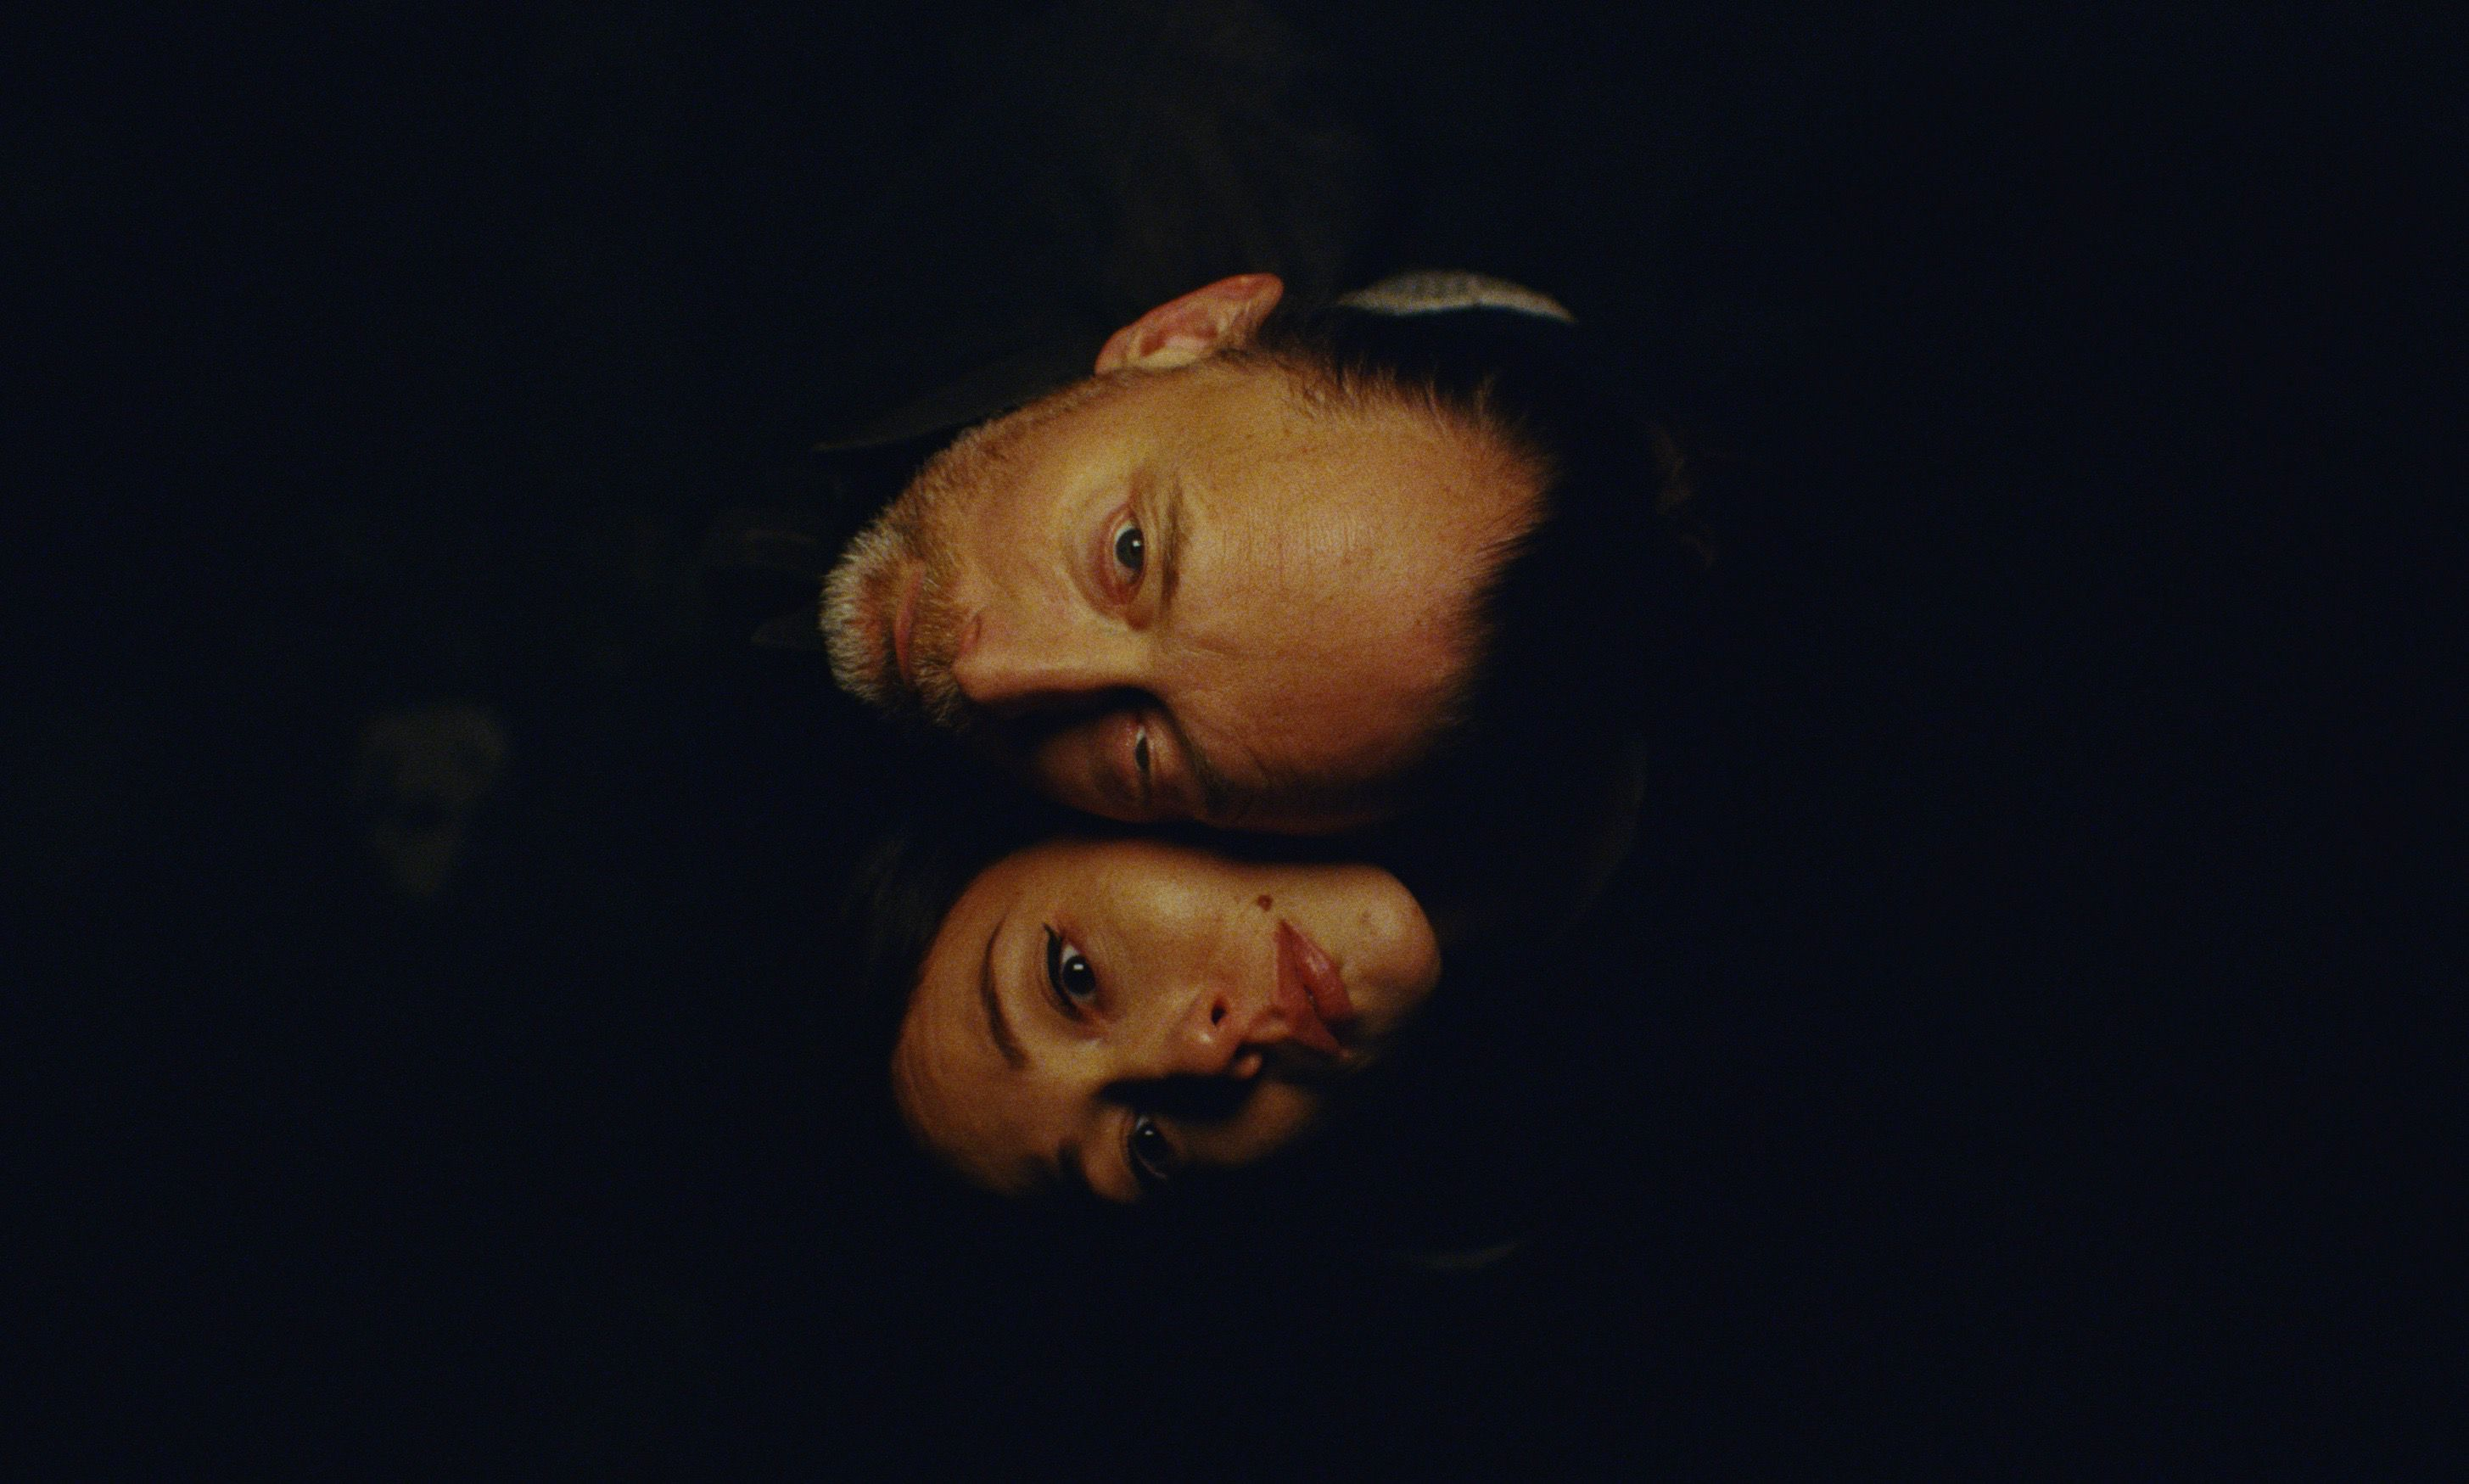 Anima. Un viaggio onirico nella mente di Thom Yorke